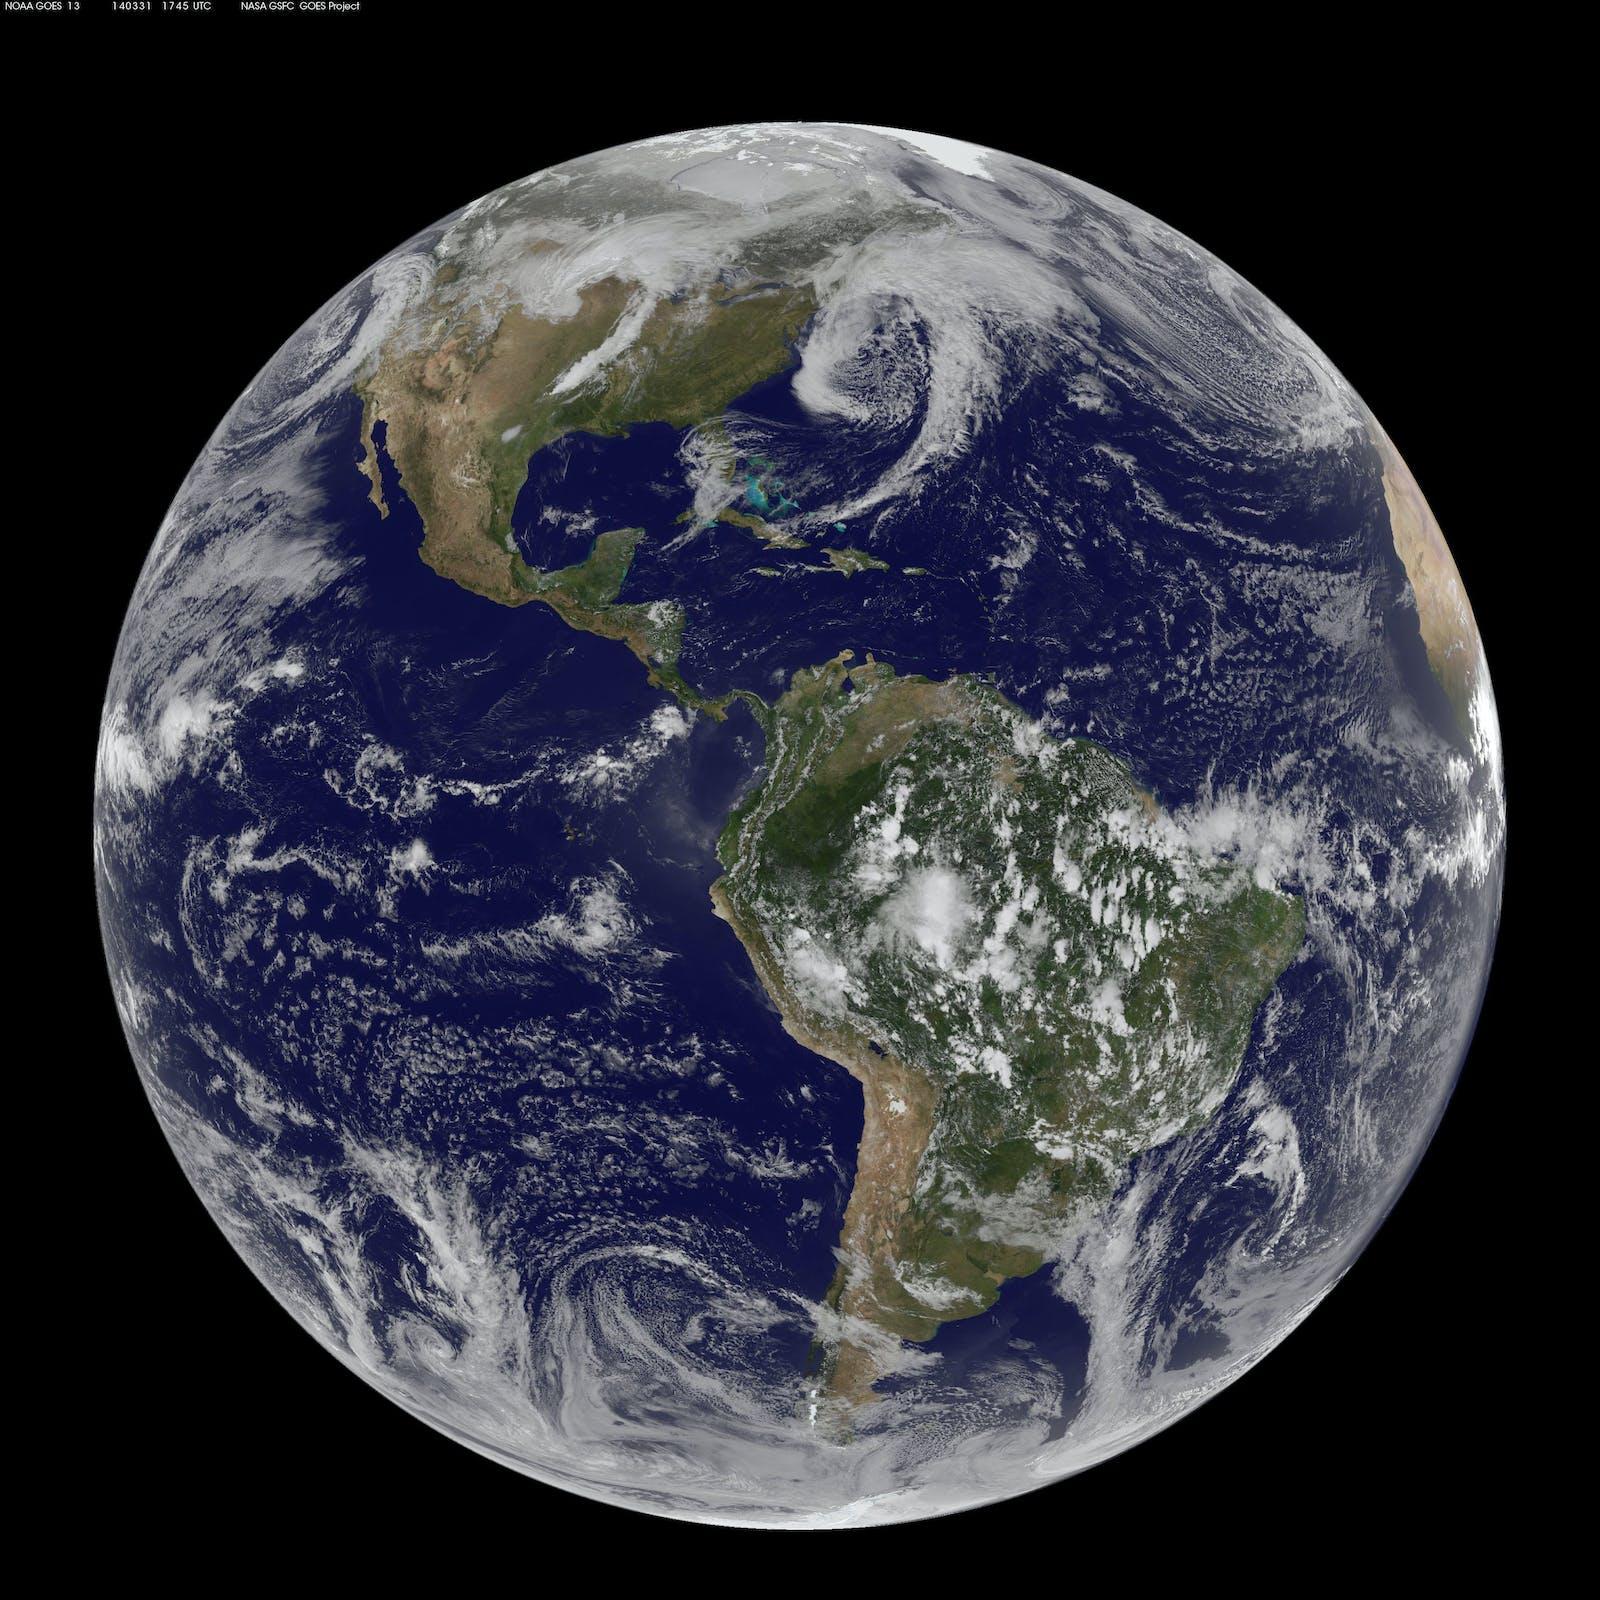 Photo by Reuters/ NASA